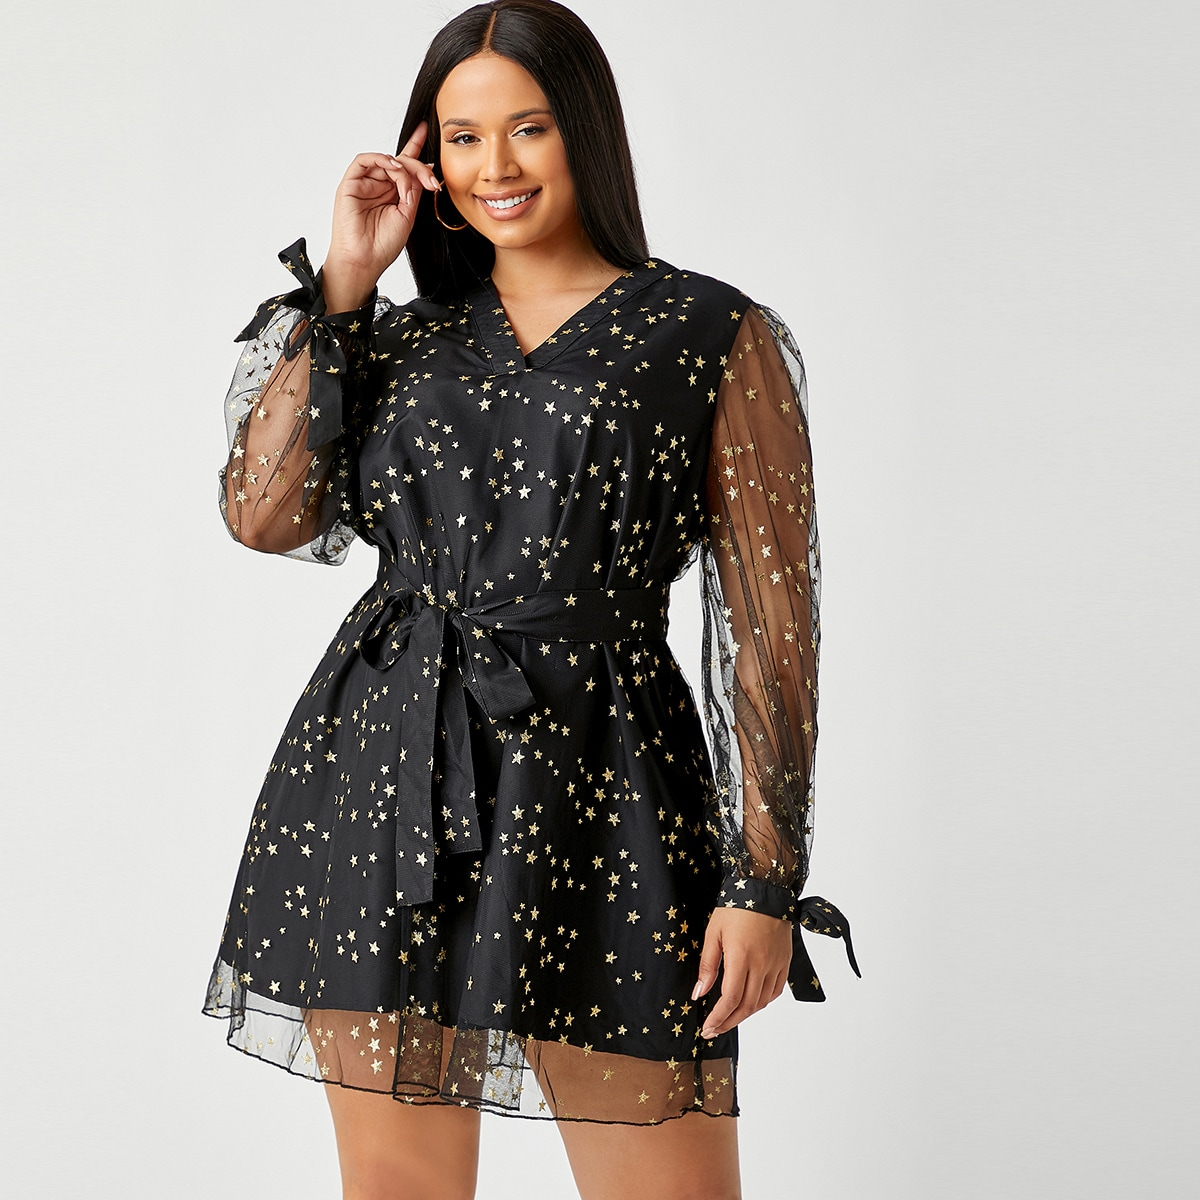 Сетчатое платье размера плюс с v-образным воротником и поясом